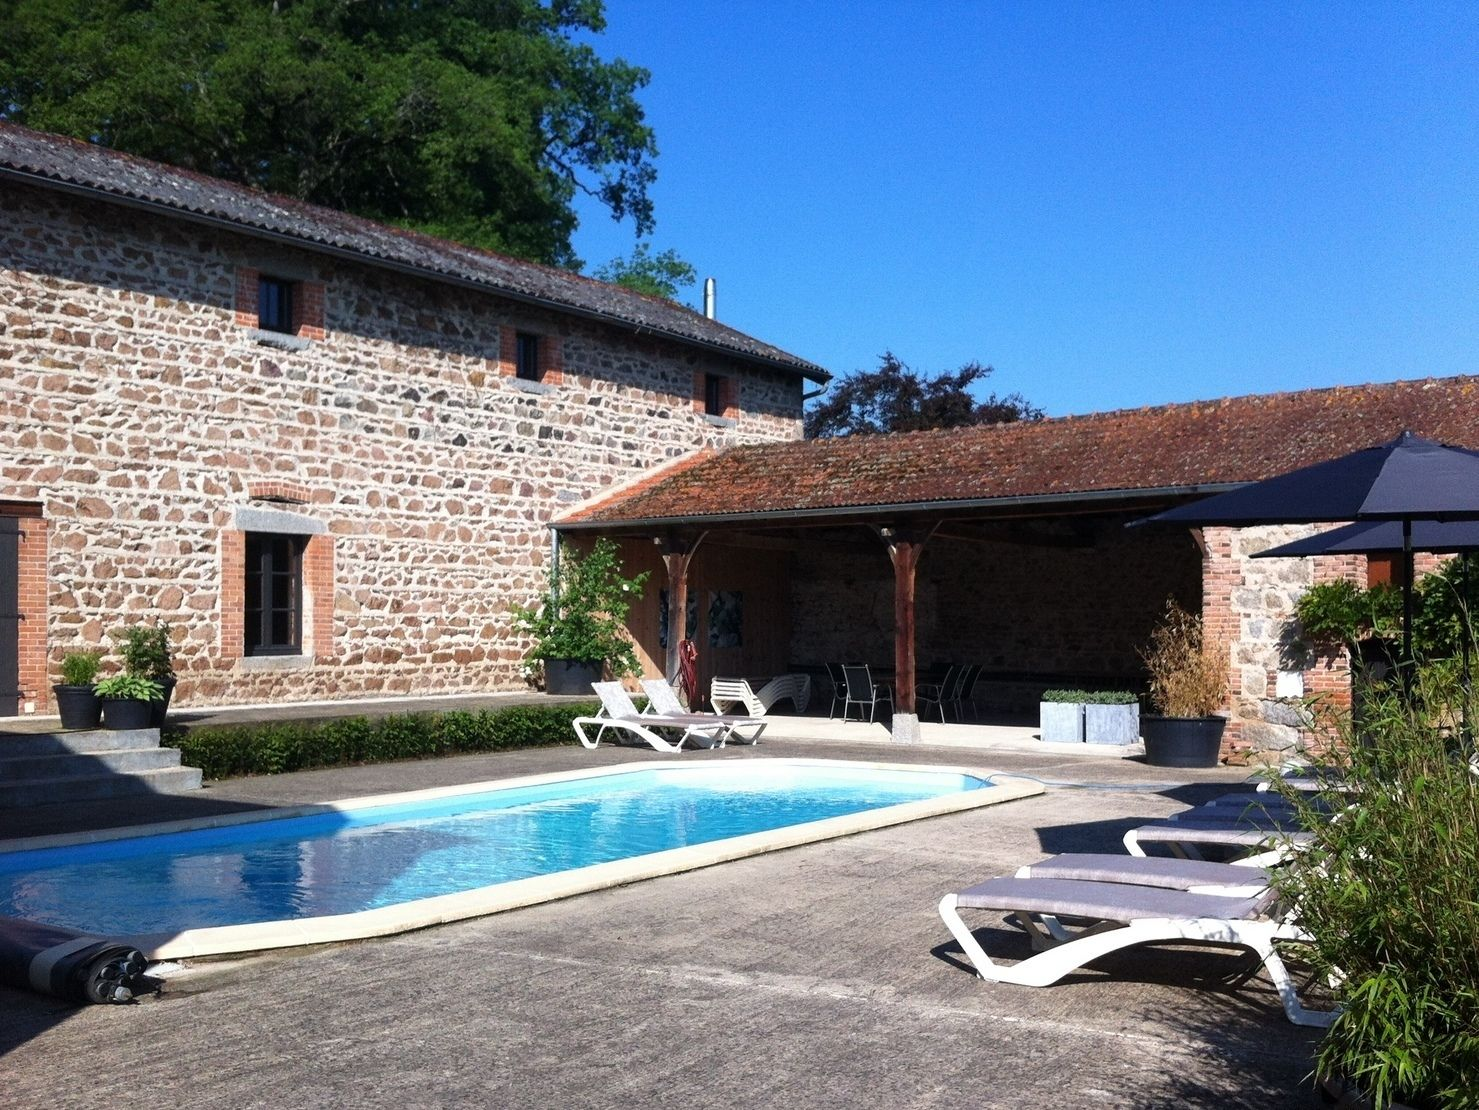 Afbeelding van Domaine du Roi François - Maison luxe vakantiehuis Frankrijk